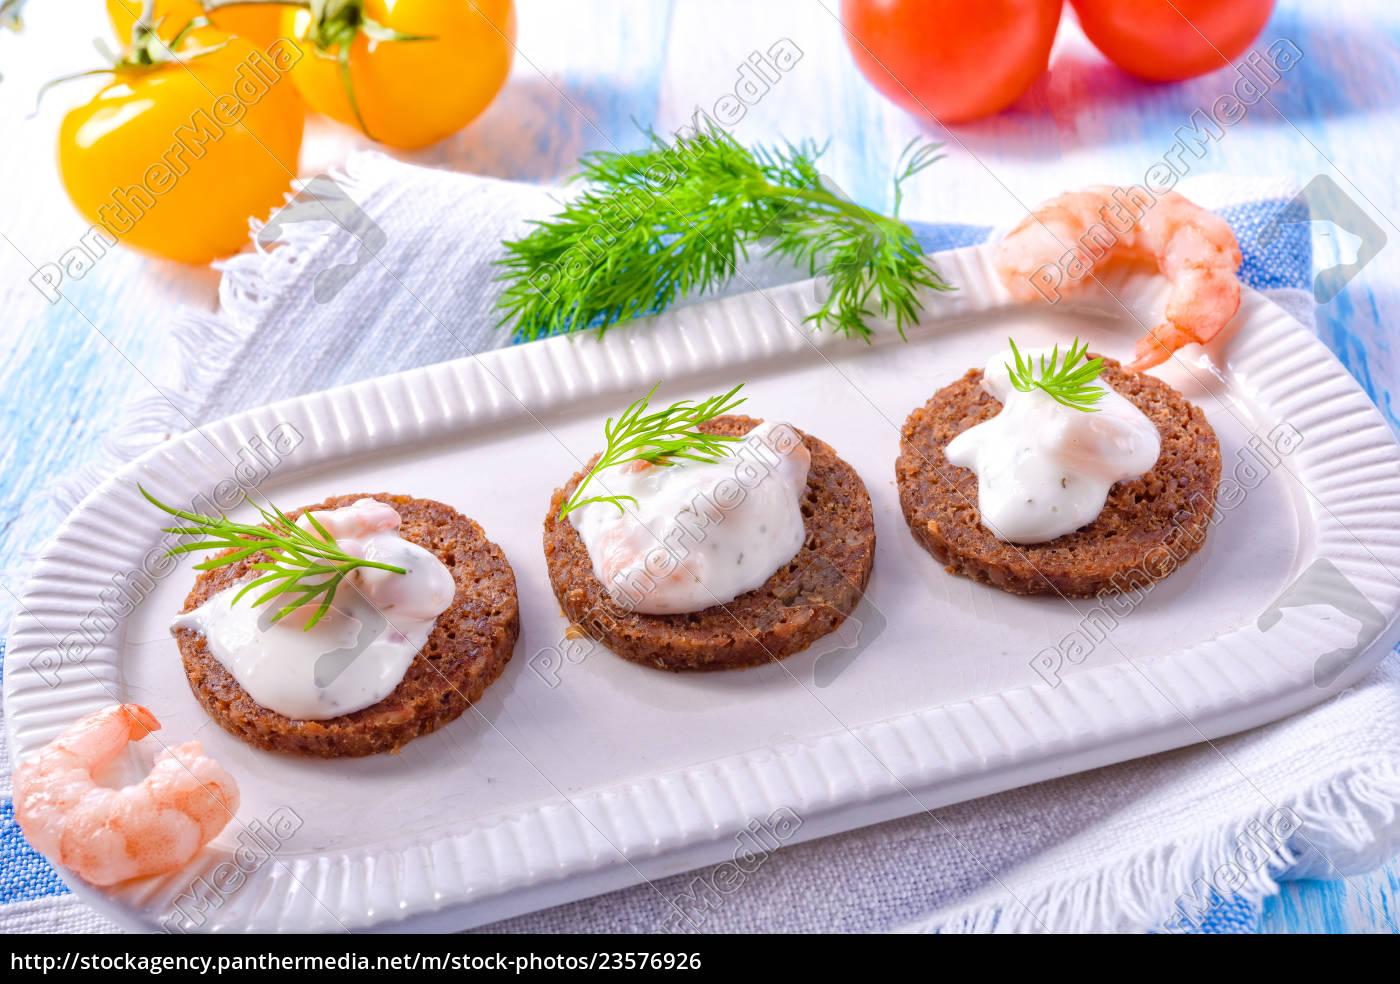 North Sea shrimp, North Sea, healthy, lunch, vegetables, fresh - 23576926